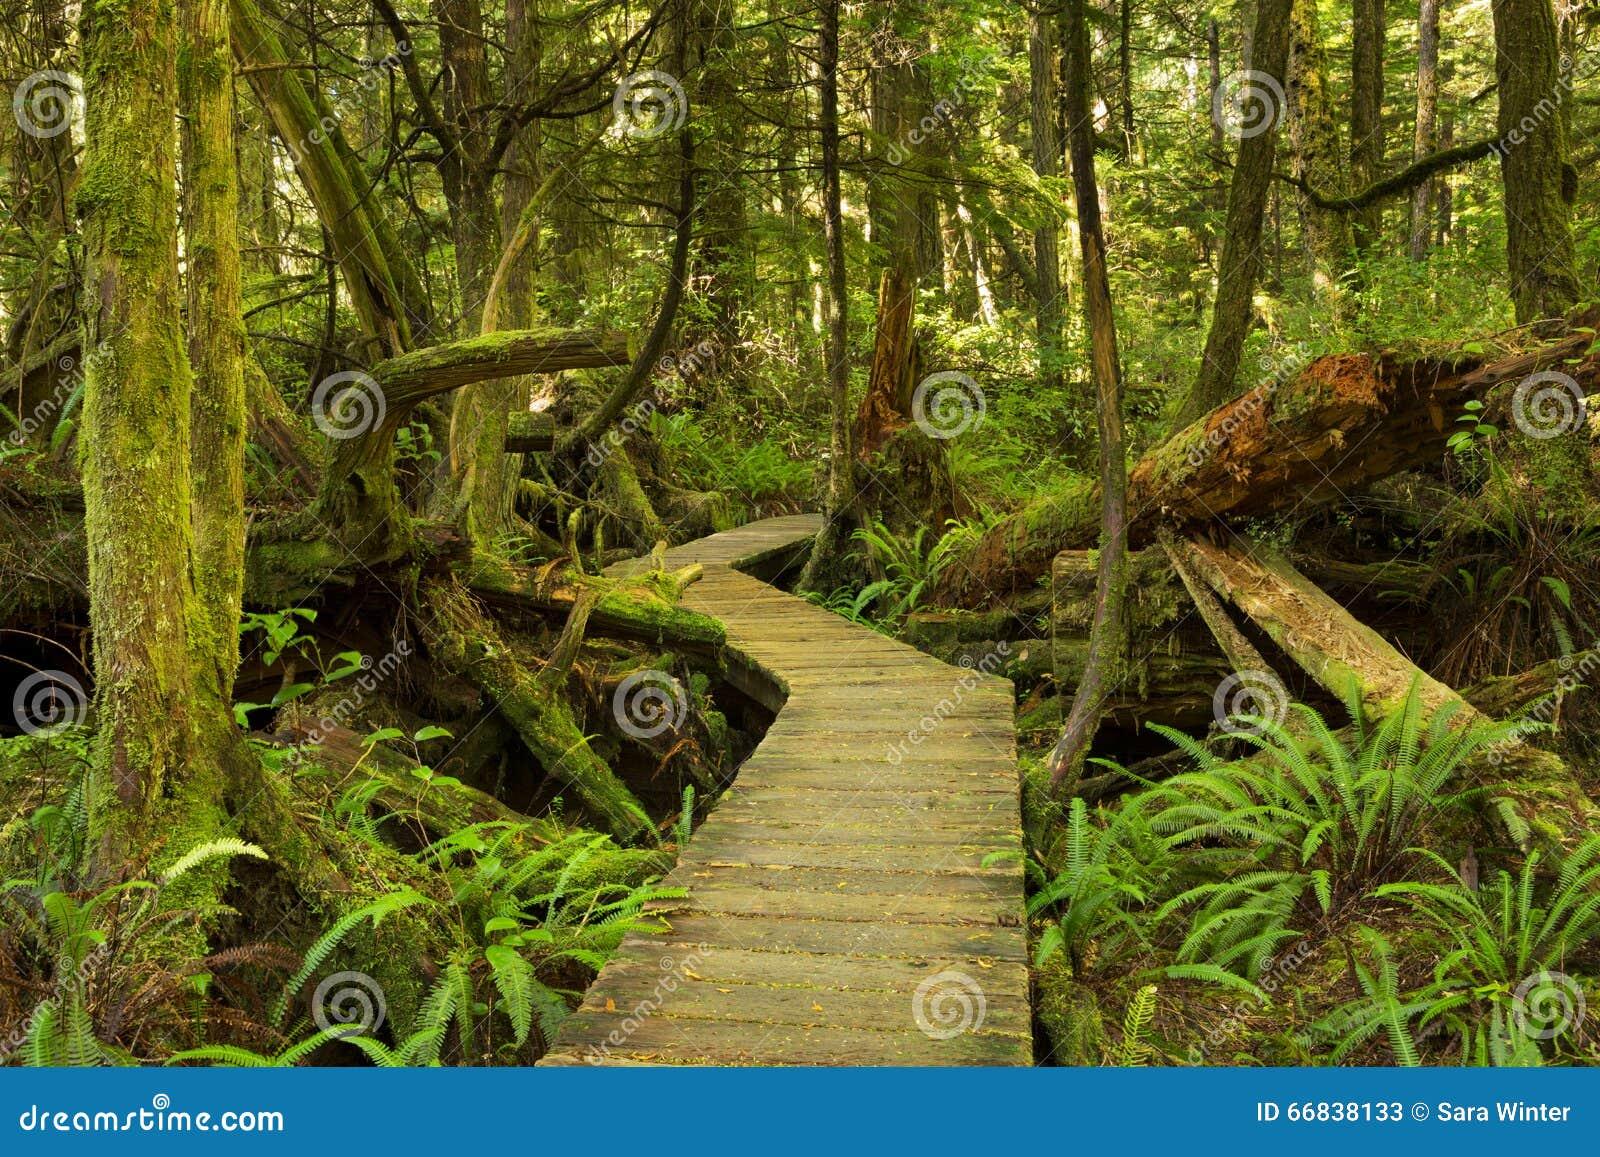 Passeio à beira mar através da floresta úmida luxúria, países da costa do Pacífico NP, Canadá